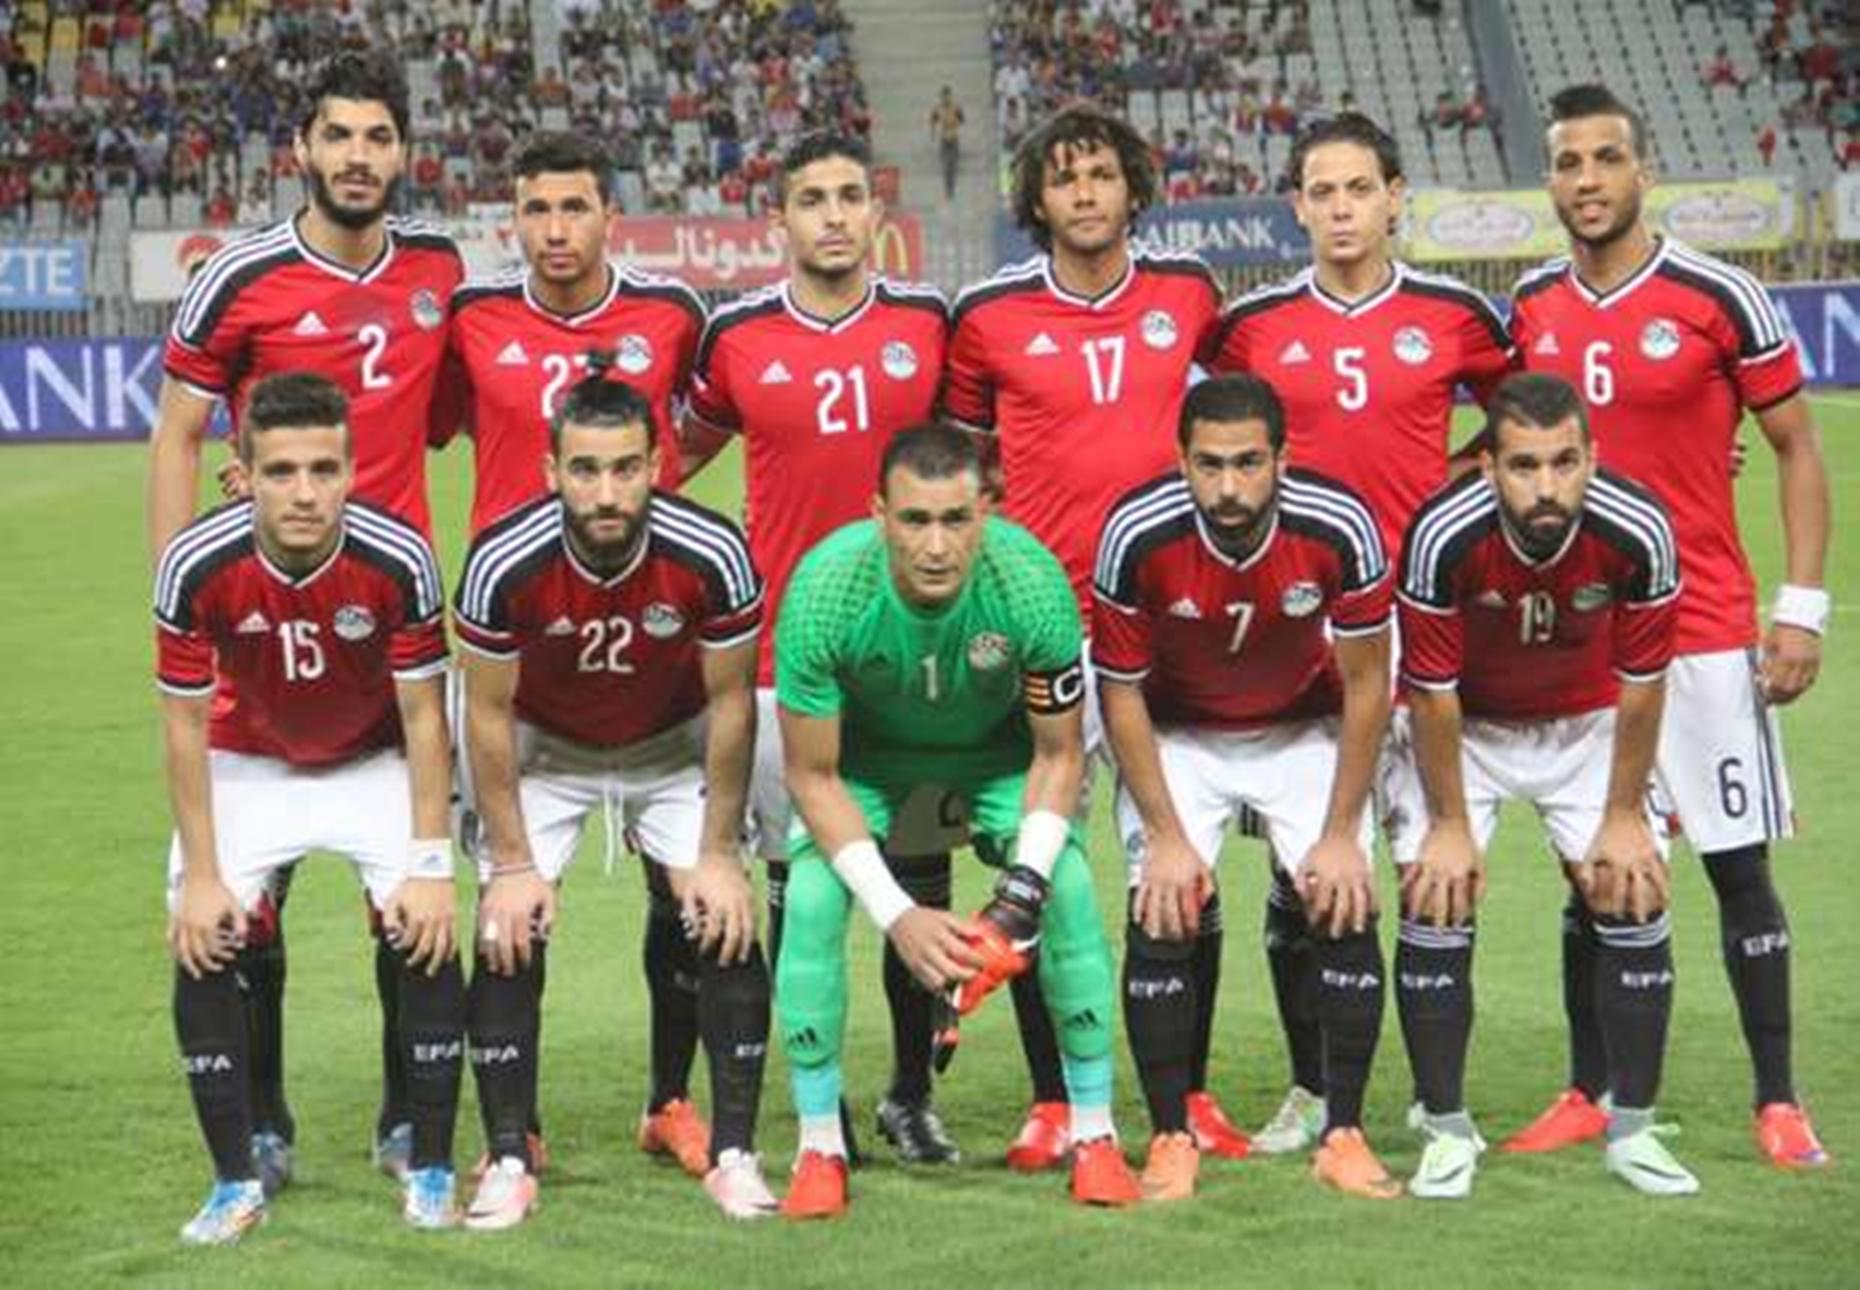 egypt_1vq7v8t746wgk180jzf5hytymm